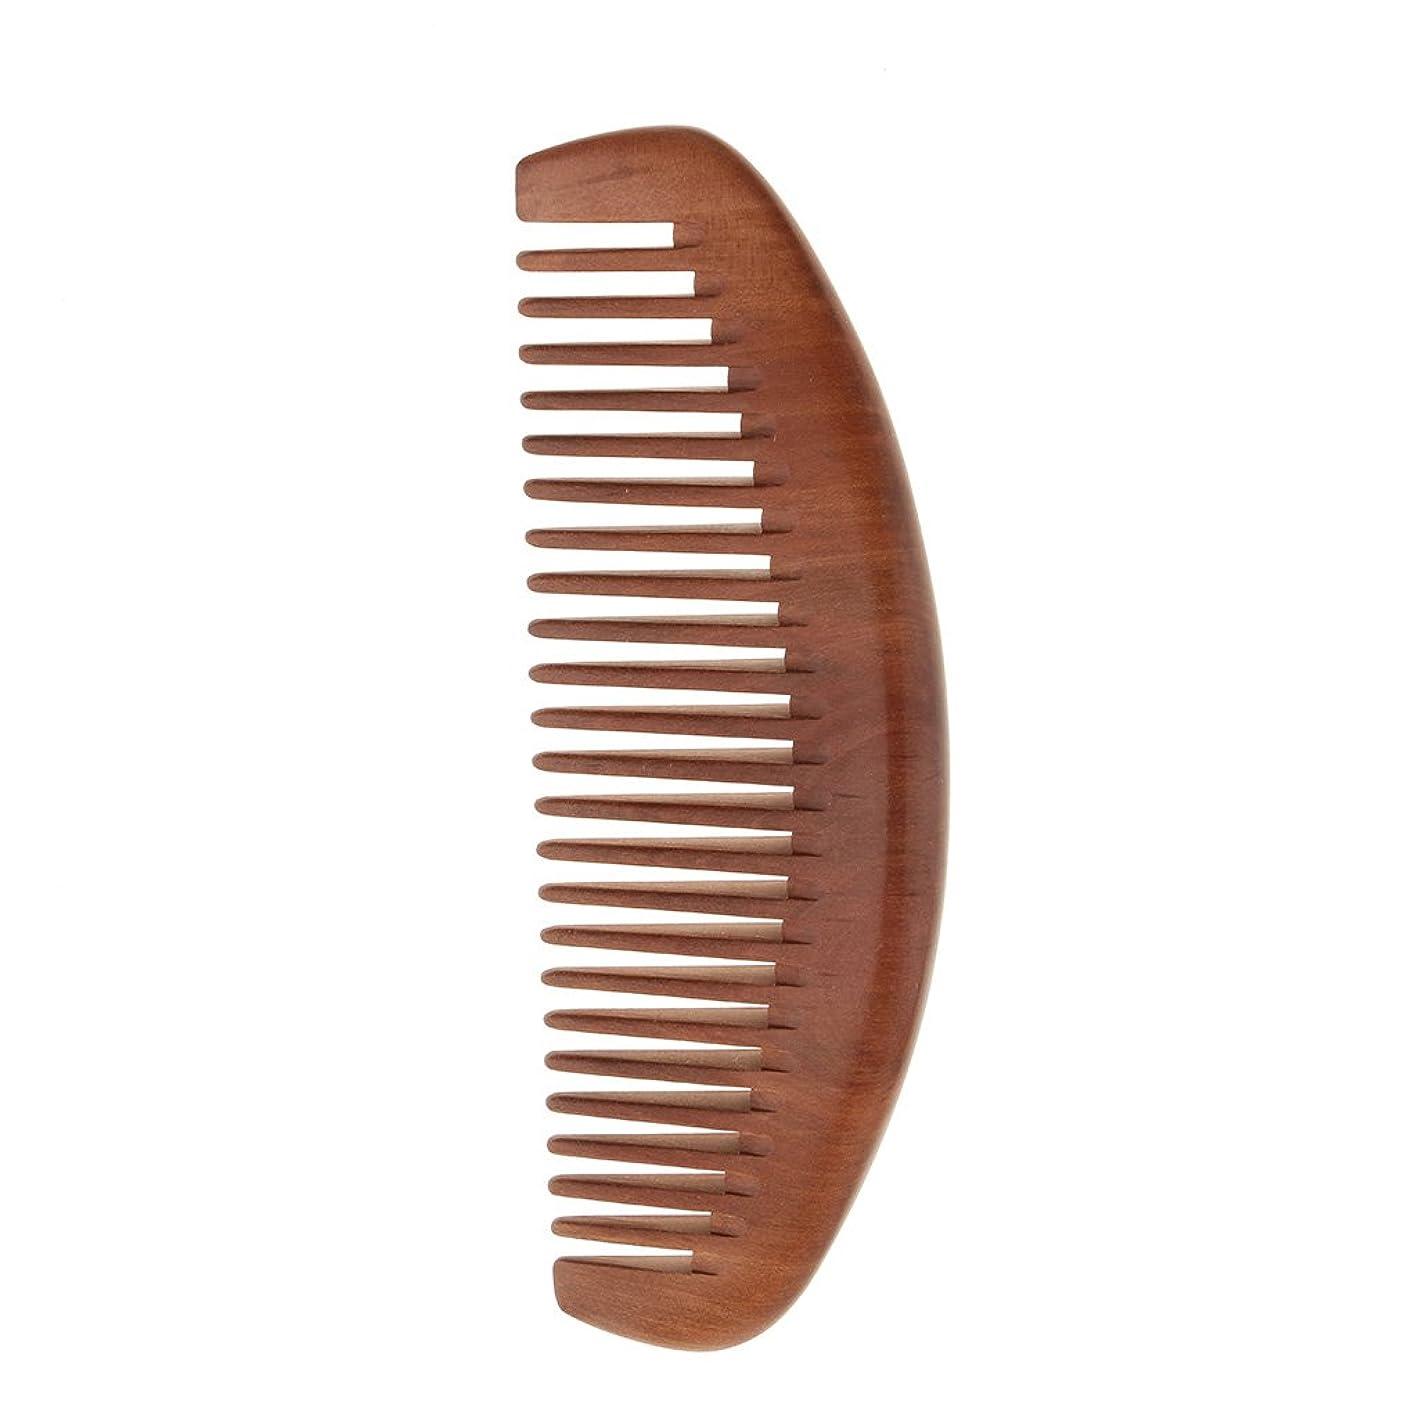 間に合わせ保安から聞くDYNWAVE 櫛 セットコーム 木製 ヘアコーム ヘアケア 頭皮マッサージ 静電気防止 桃の木 全2種類 - ワイド歯